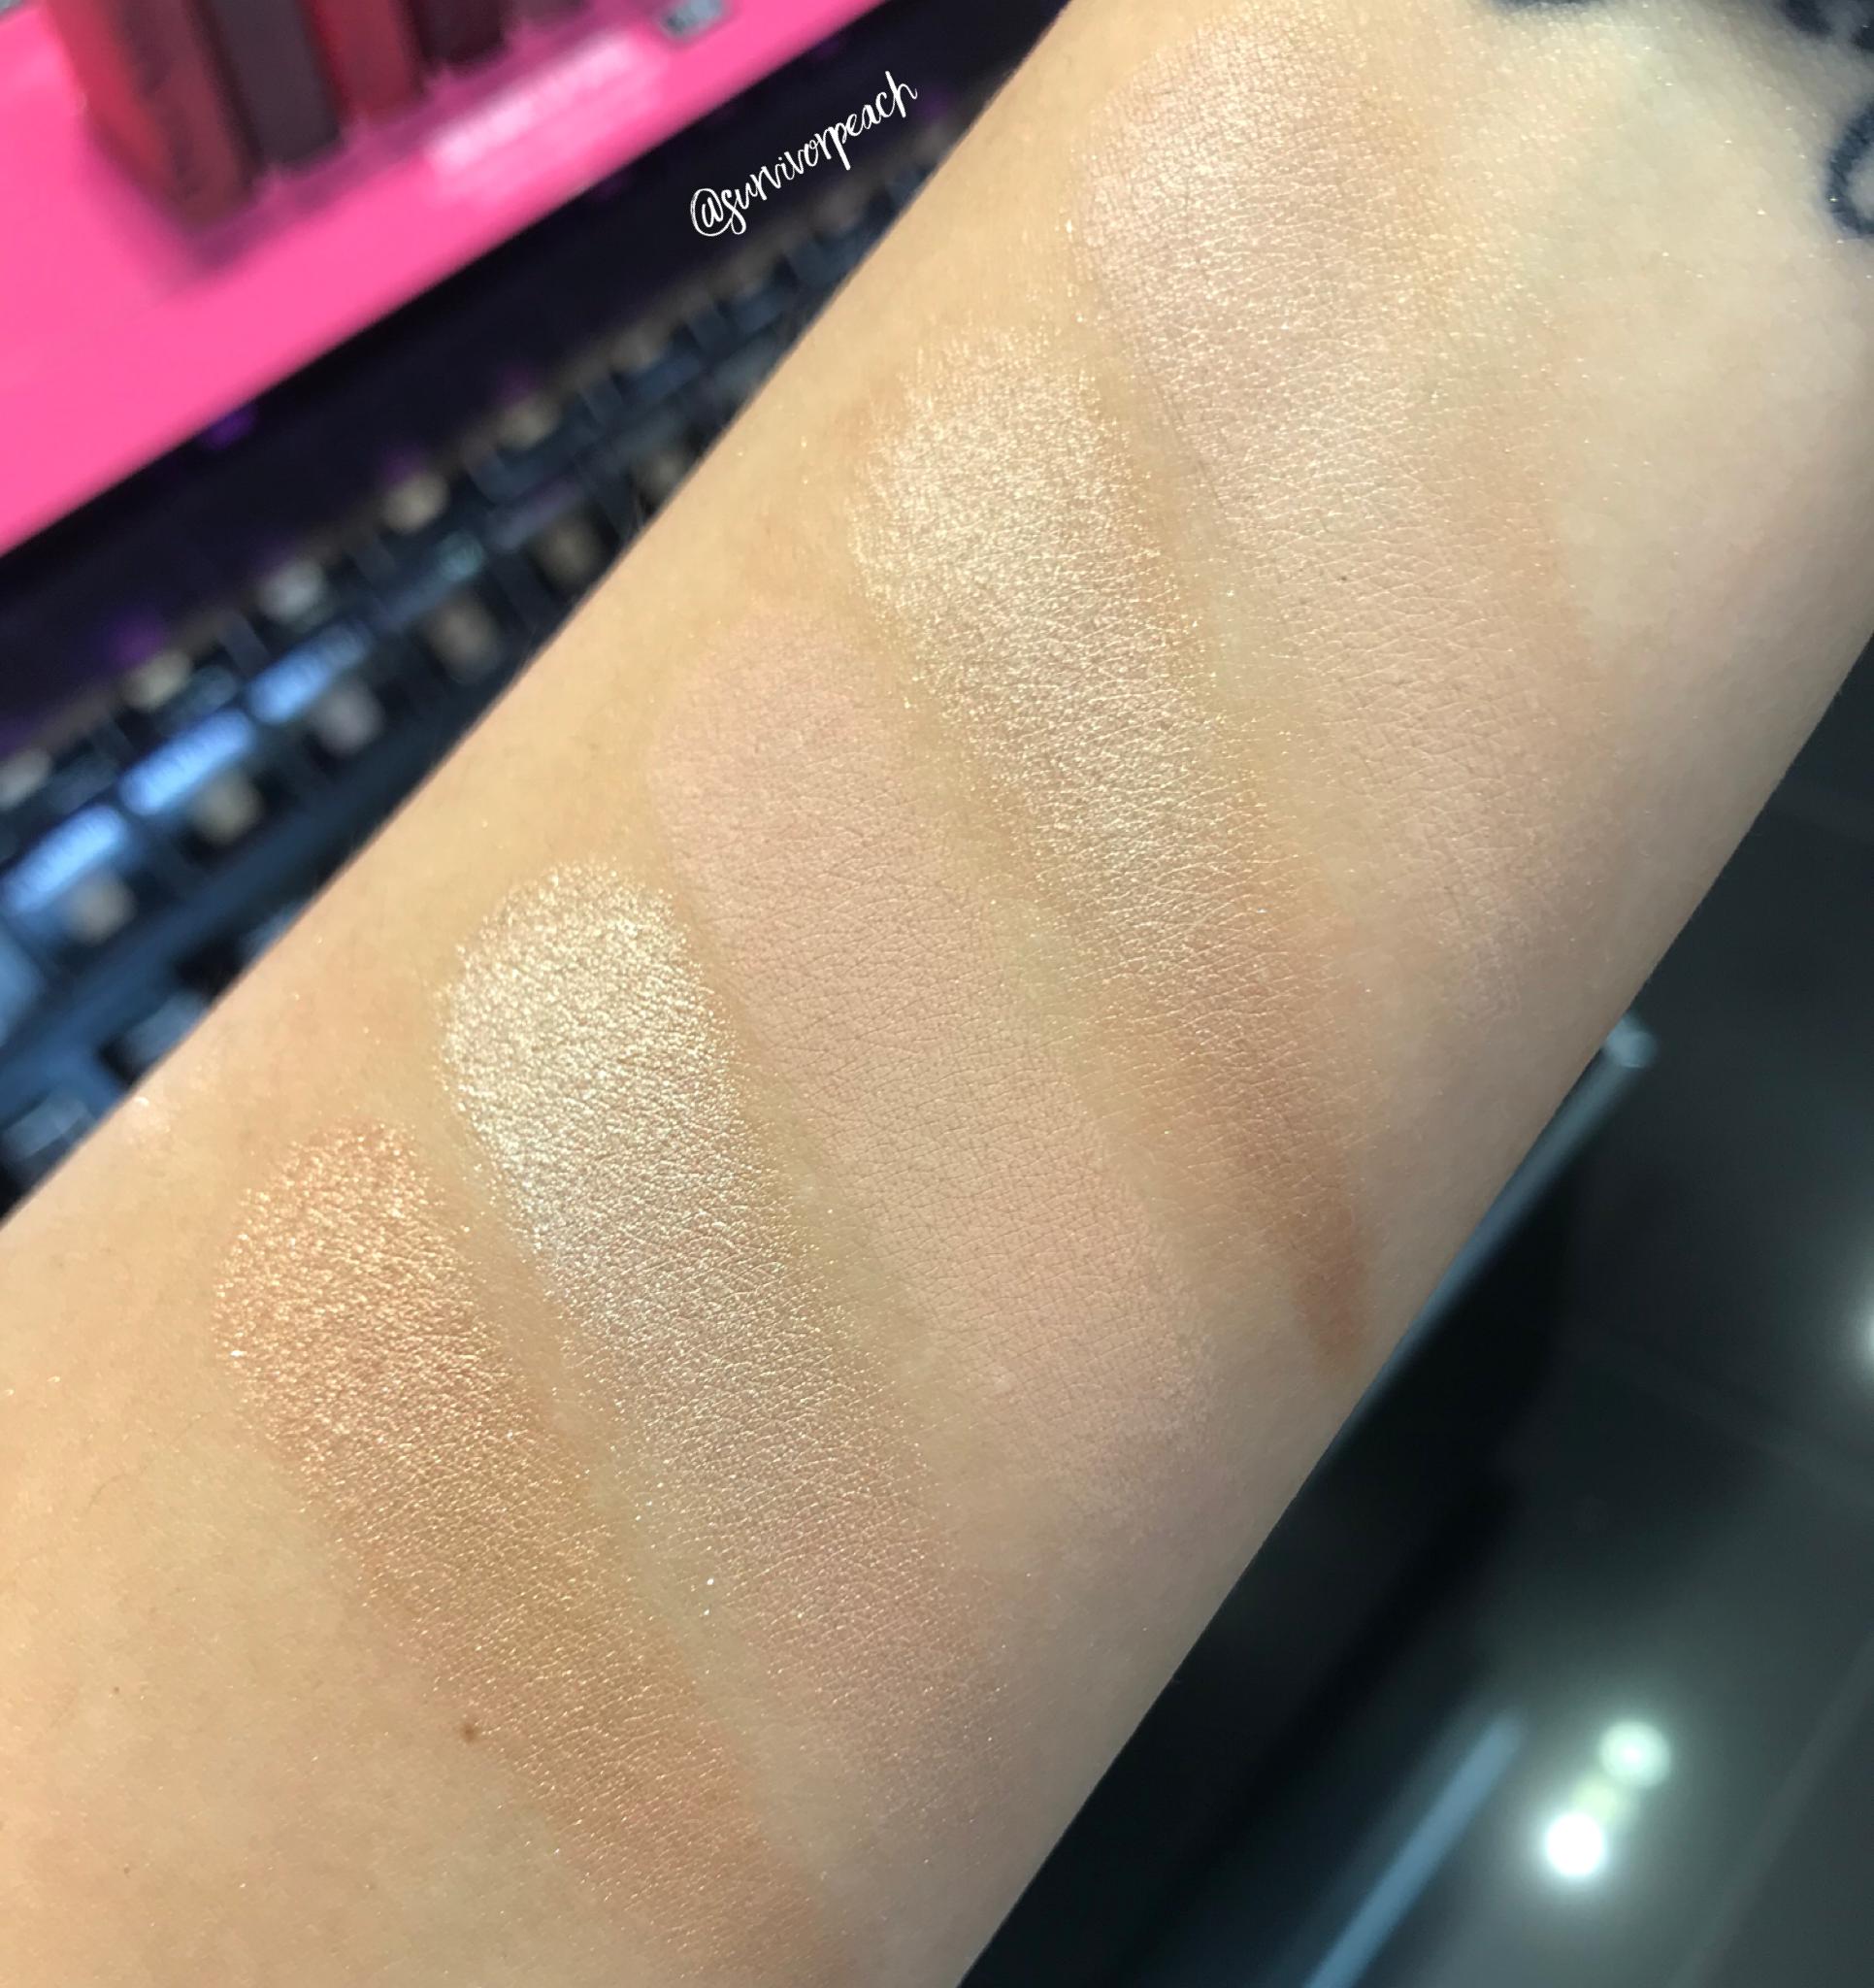 Dior Backstage Eye Palette- Warm Neutrals swatches